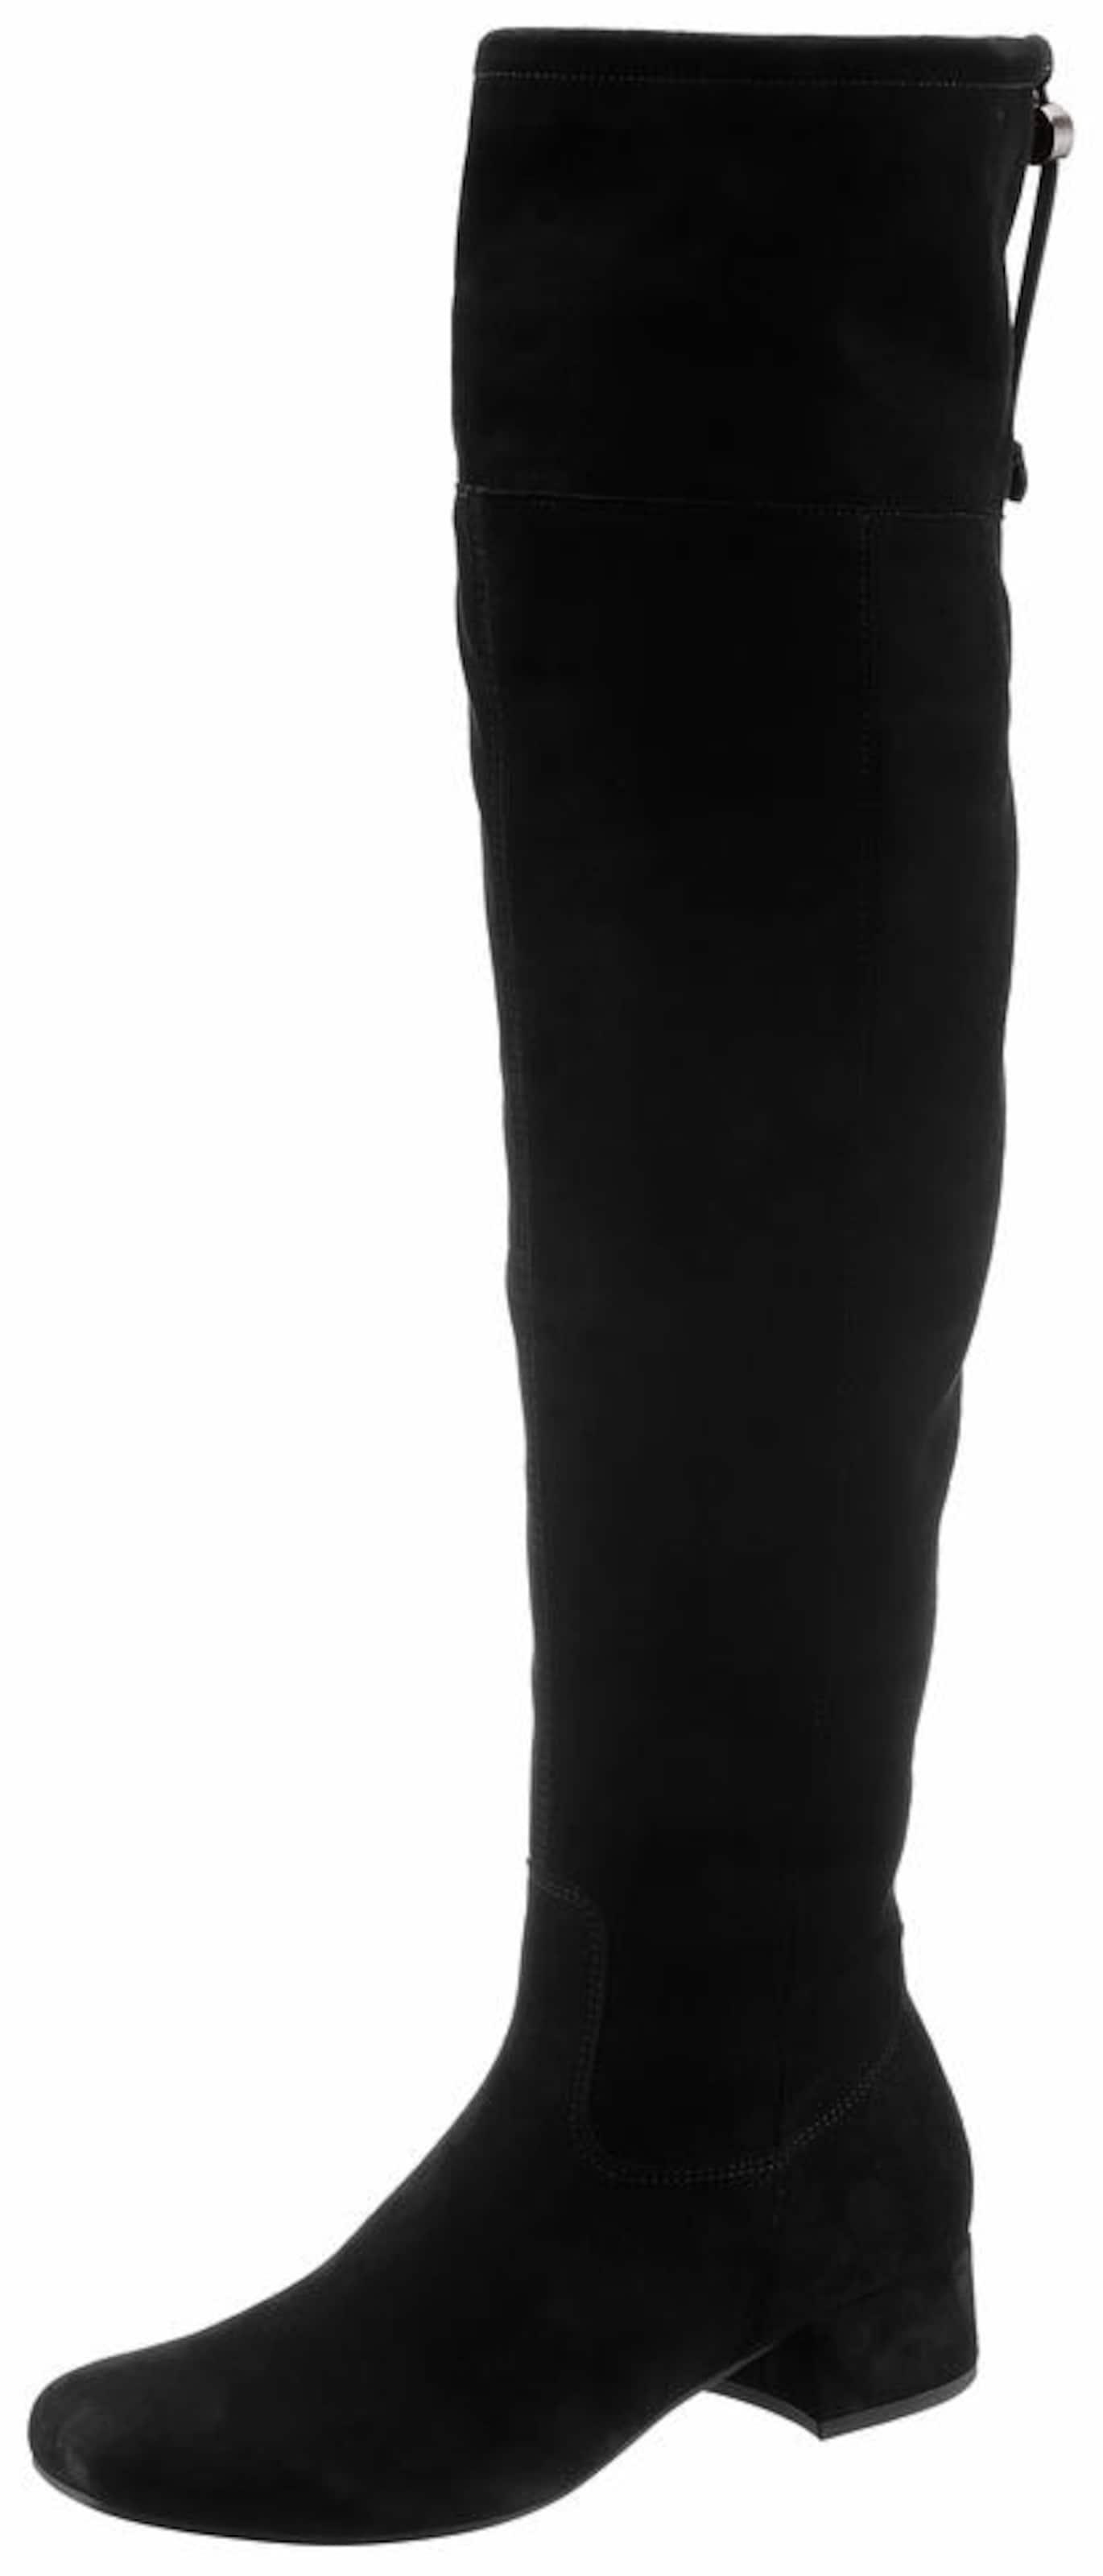 GABOR Overkneestiefel Verschleißfeste billige Schuhe Hohe Qualität